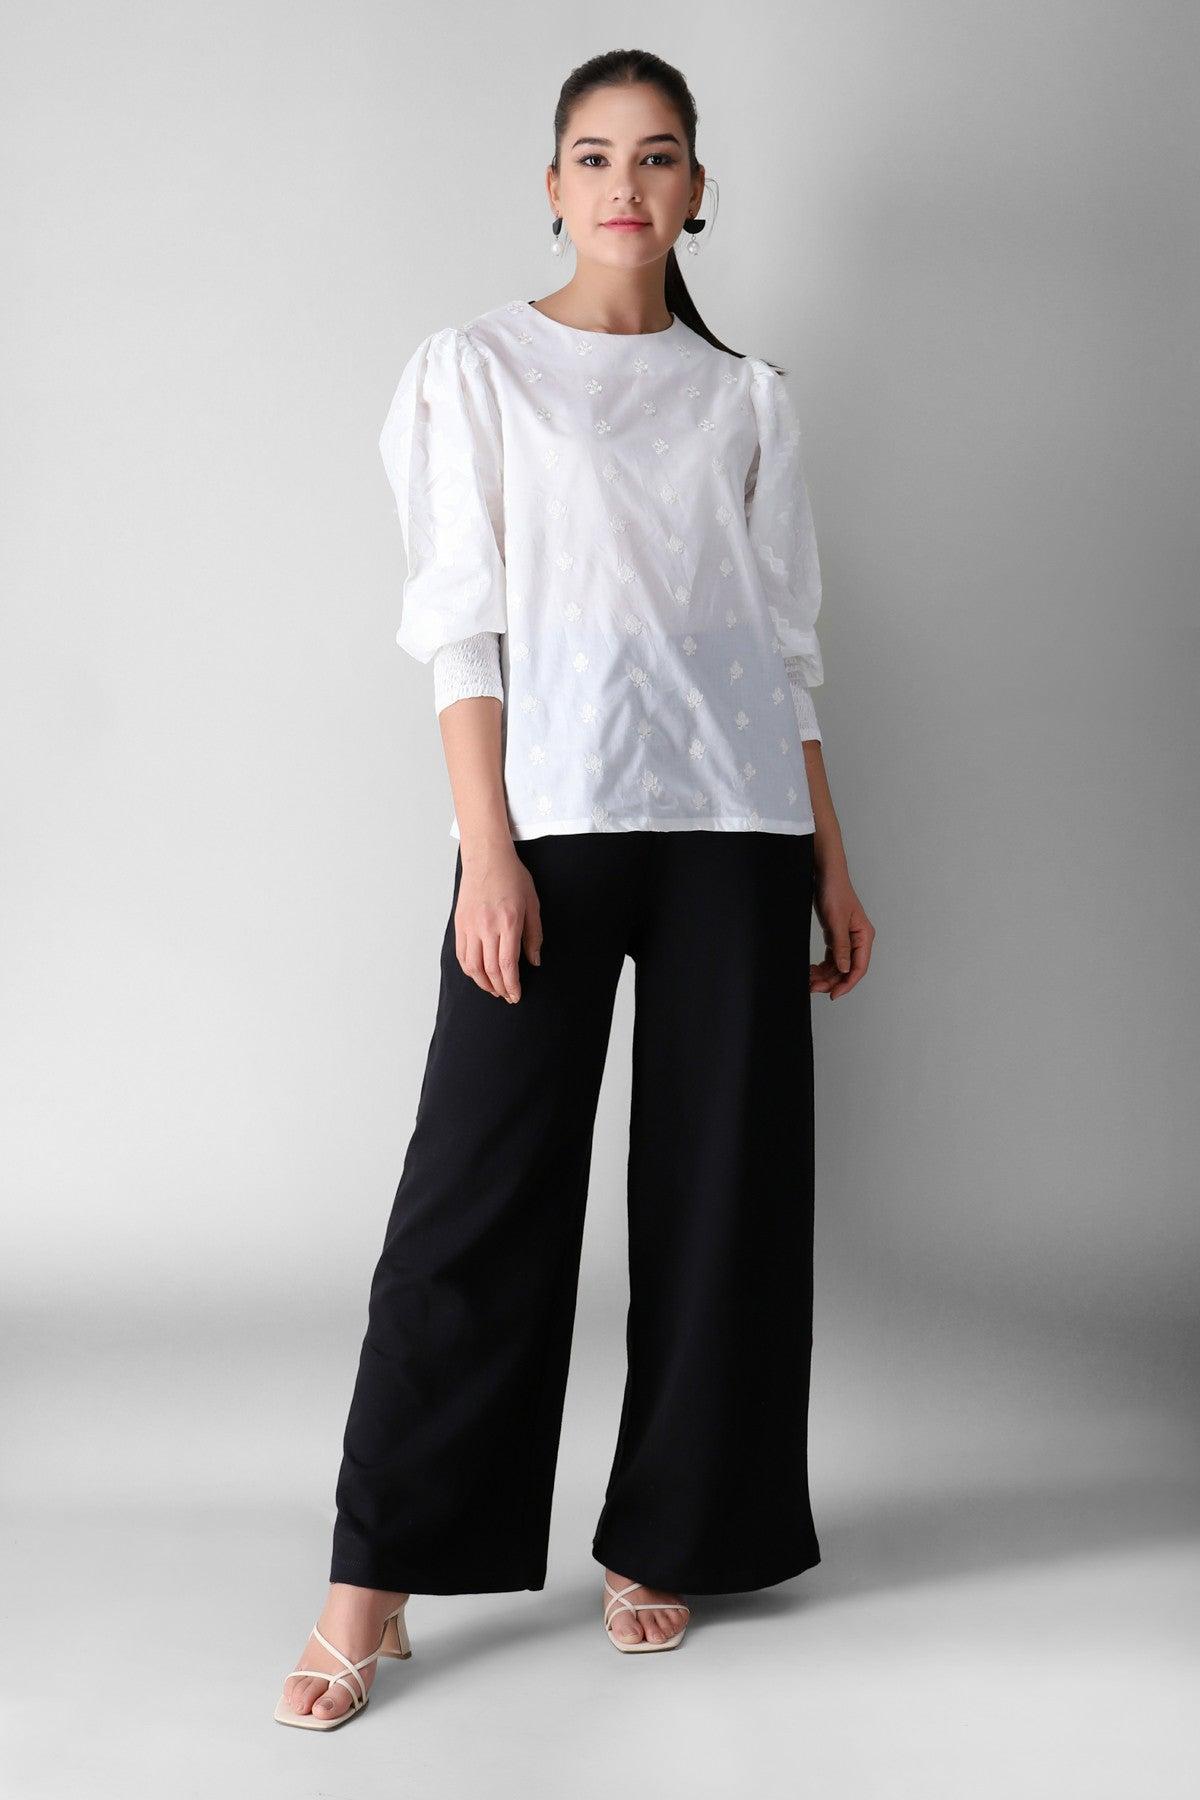 Khaadi Wte21604 White Ready to Wear 2021